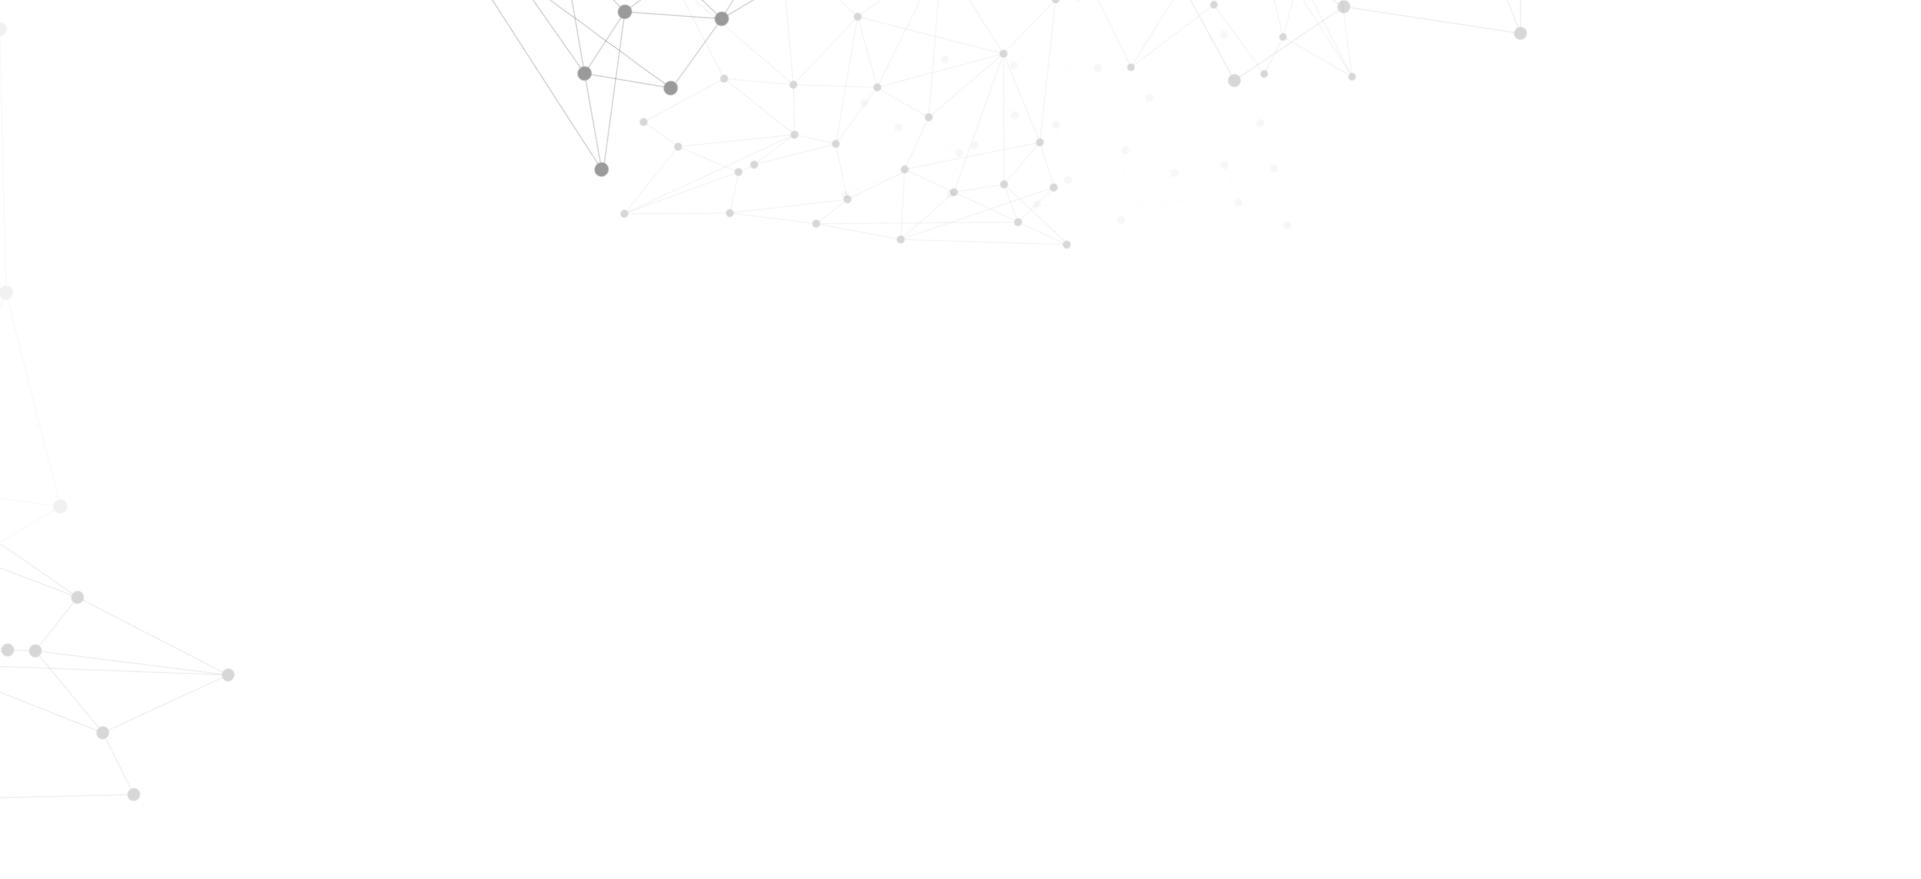 Ein Hintergrundbild mit Molekülen, die ein Netz bilden.